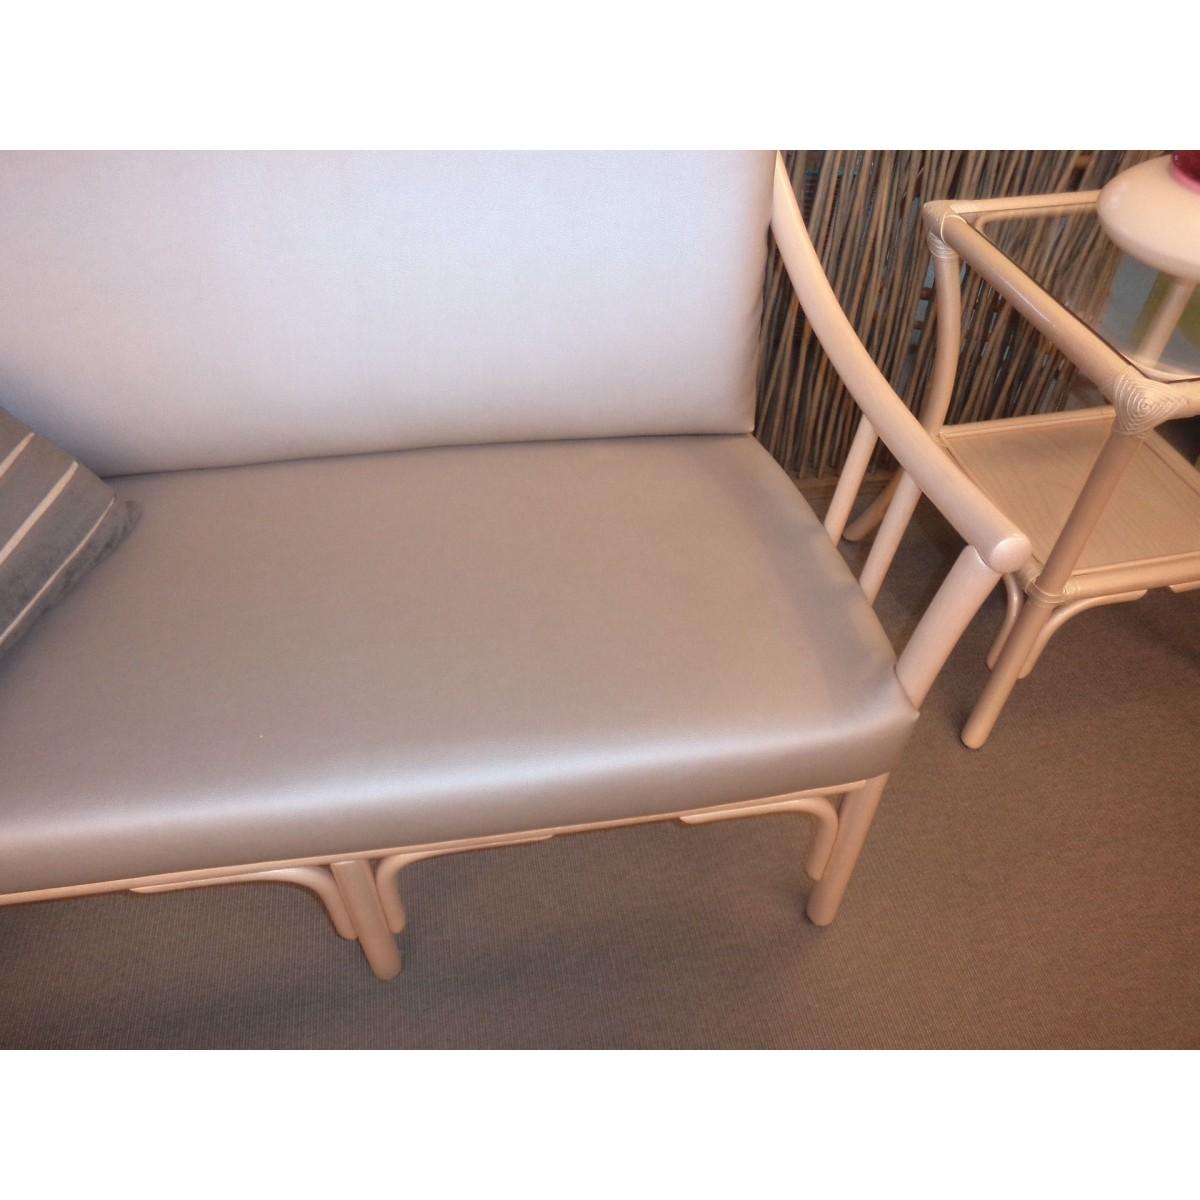 salon en rotin coloris nacre bas dossier comprenant un canap 2 places et 2 fauteuils. Black Bedroom Furniture Sets. Home Design Ideas